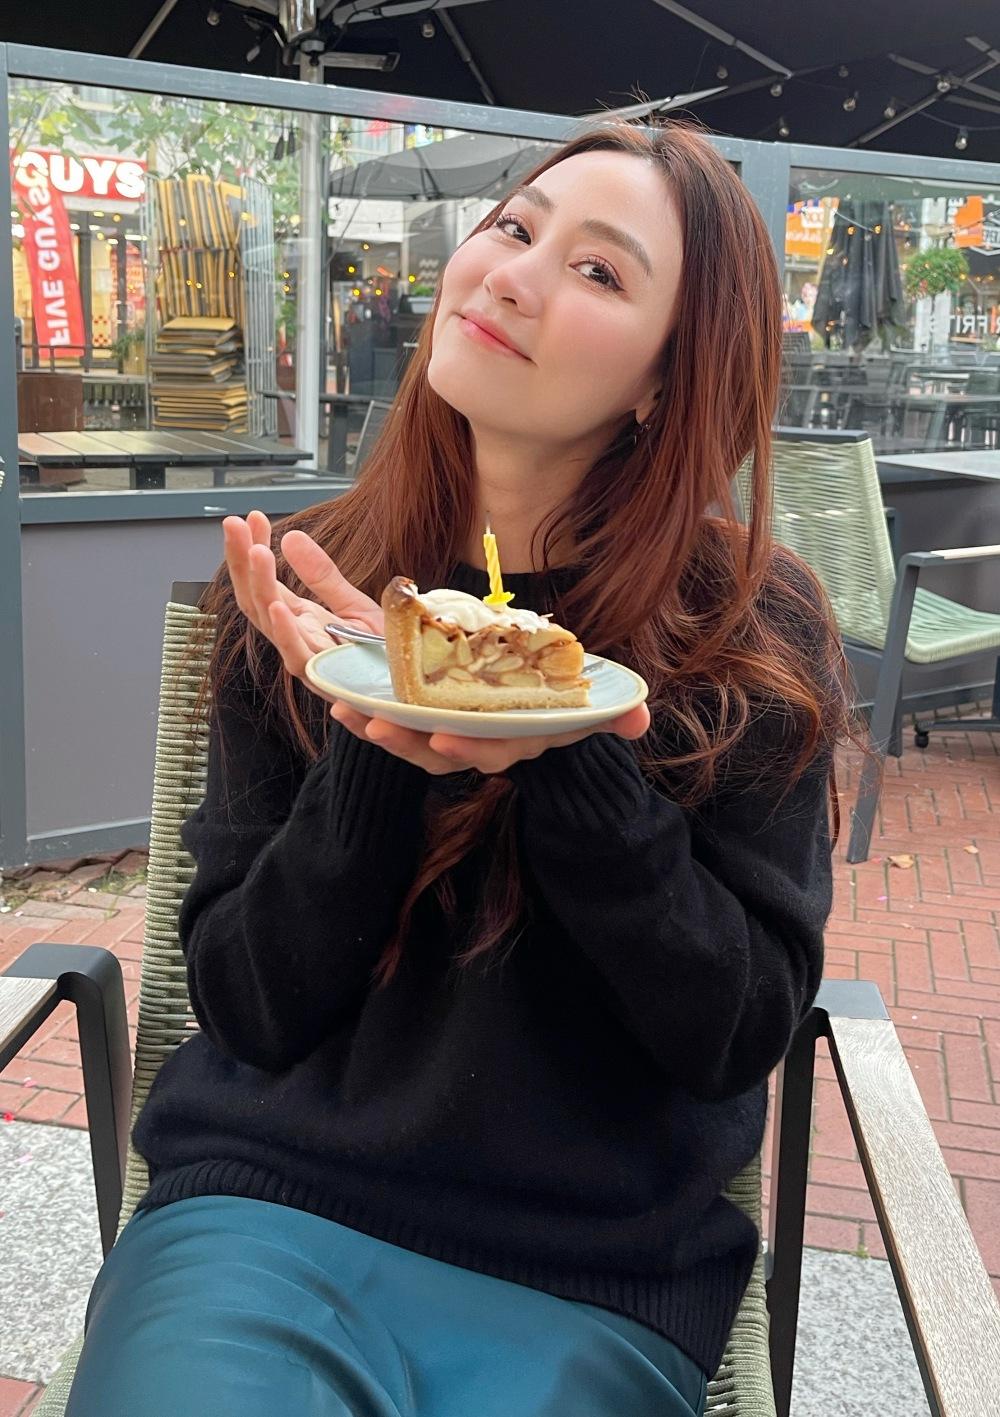 Ngân Khánh mặc chiếc áo ấm ra phố mừng sinh nhật. Ảnh: Nhân vật cung cấp